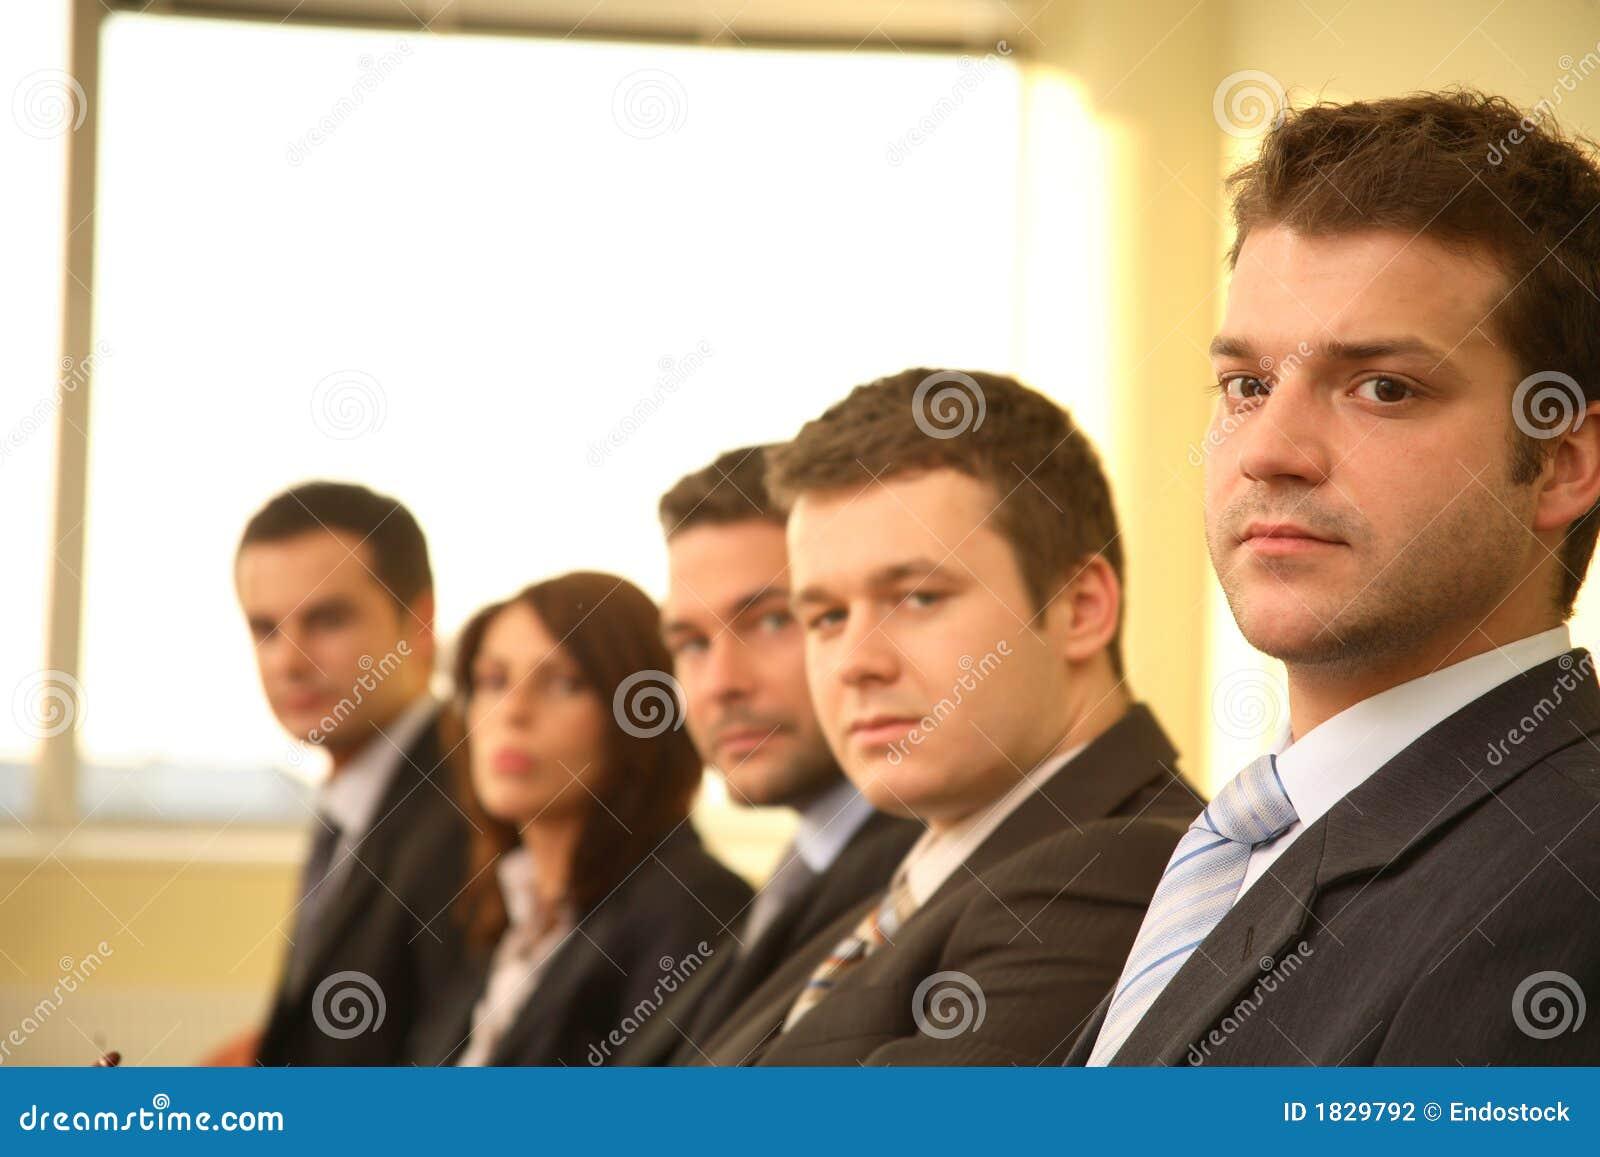 Cinco personas en una conferencia, retrato del asunto